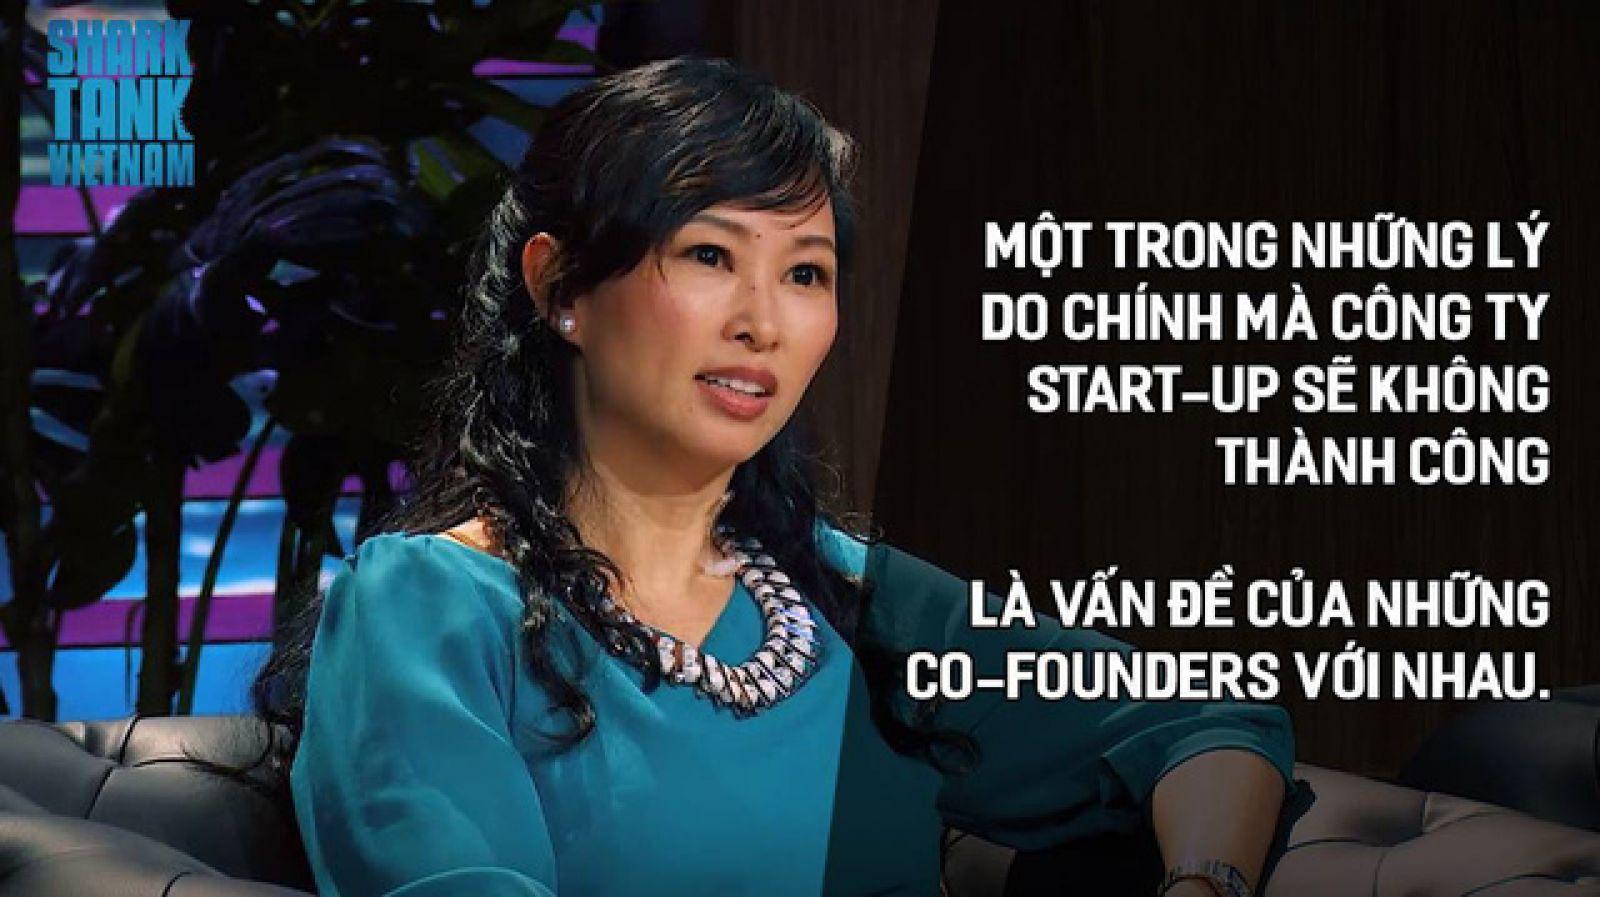 Shark Tank Việt Nam và loạt câu nói truyền cảm hứng cho bạn trẻ ...